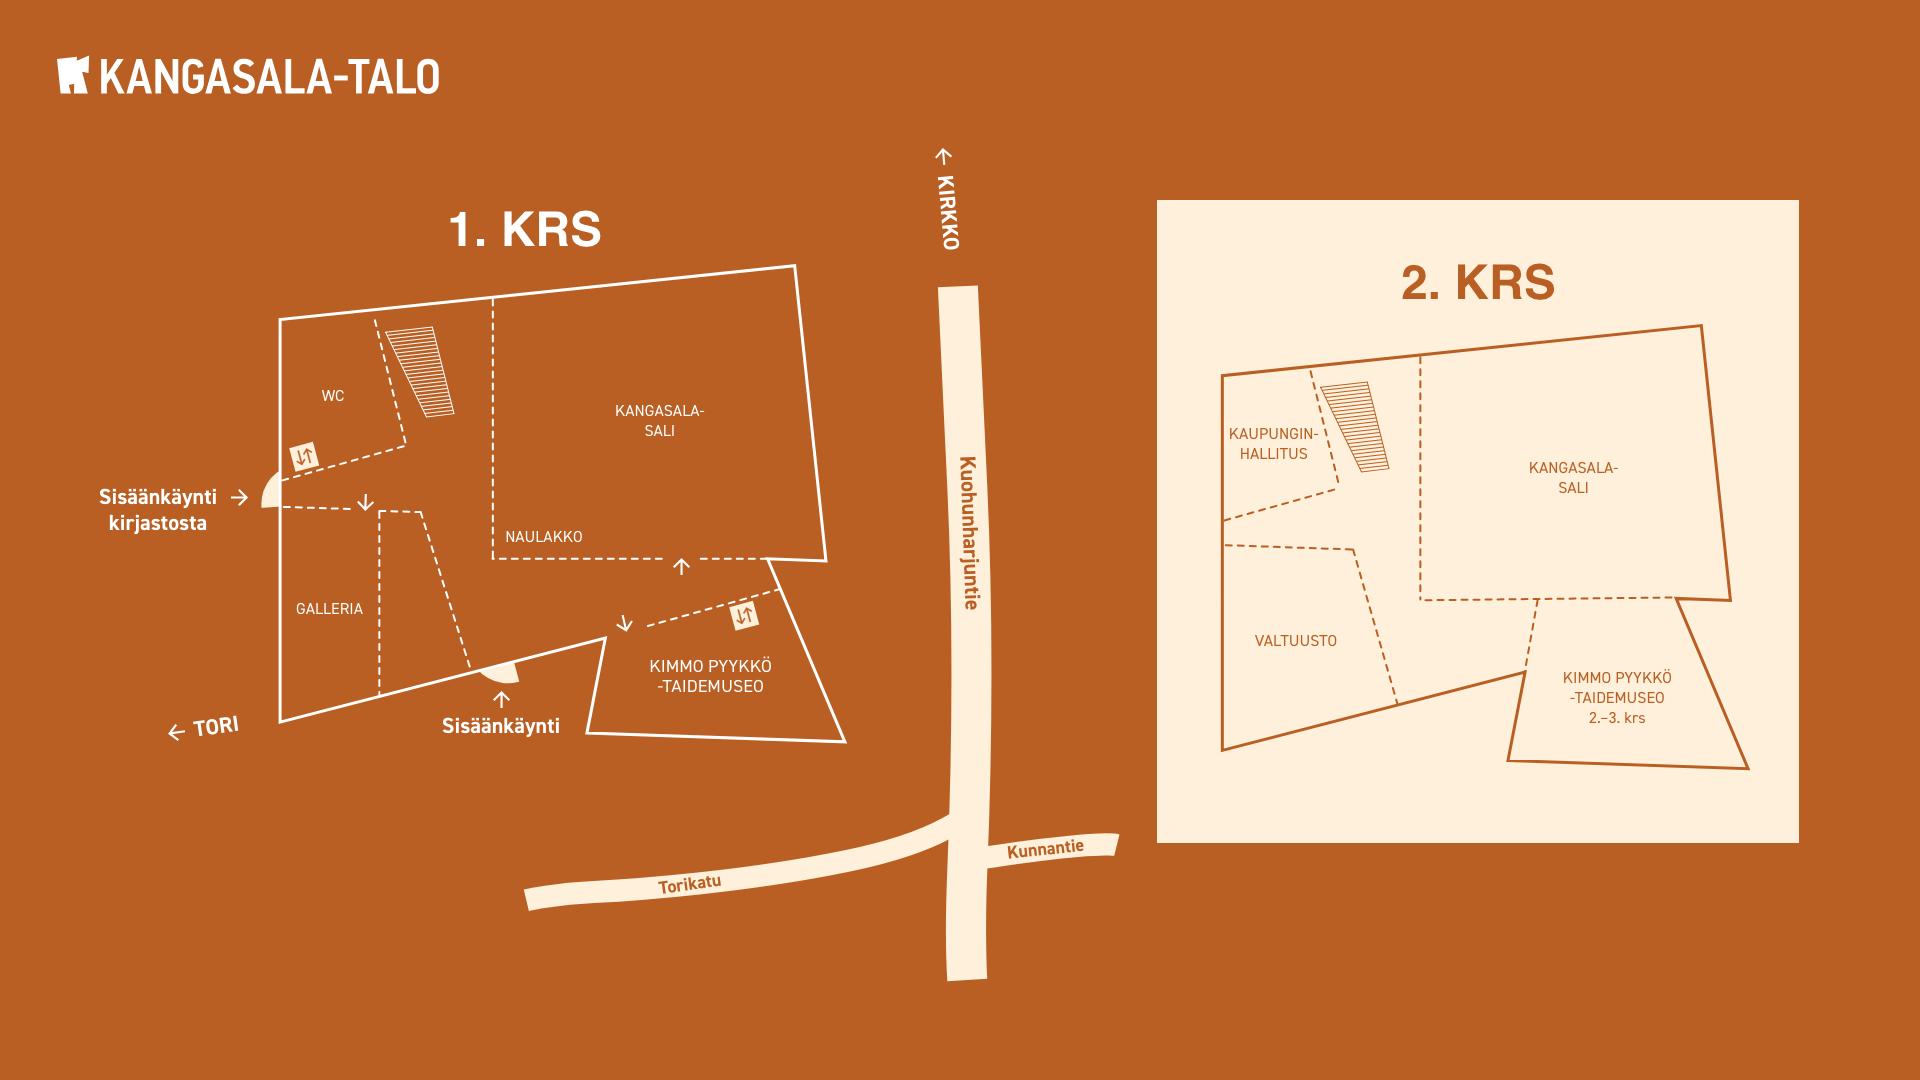 Kangasala-talon pohjakartassa on merkittynä talon sijainti Kuohunharjuntien varrella Torikadun läheisyydessä, sekä talon 1., 2. ja 3. kerroksen tilat.